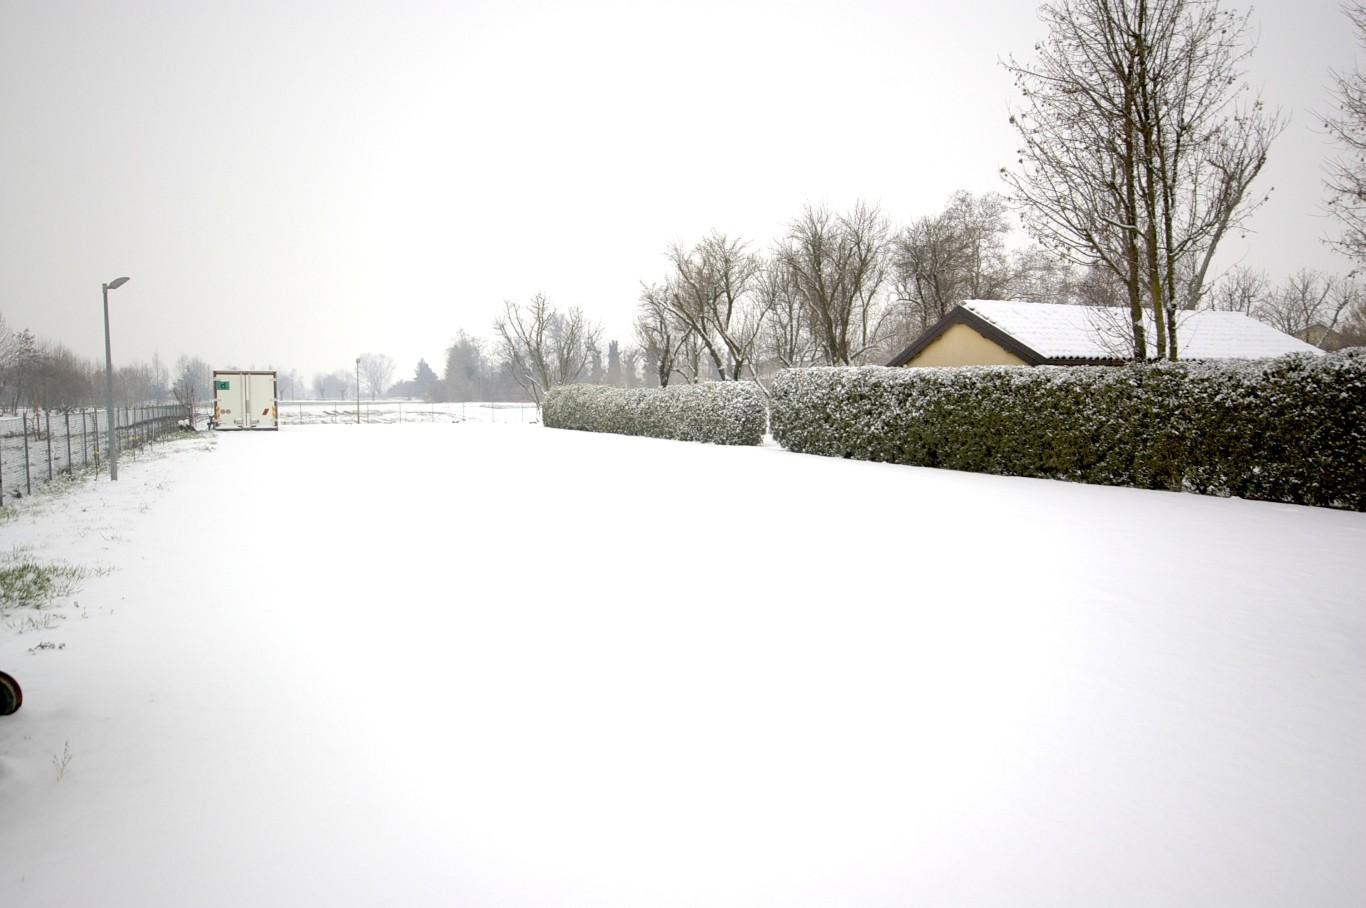 Location Eventi Invernali Veneto1